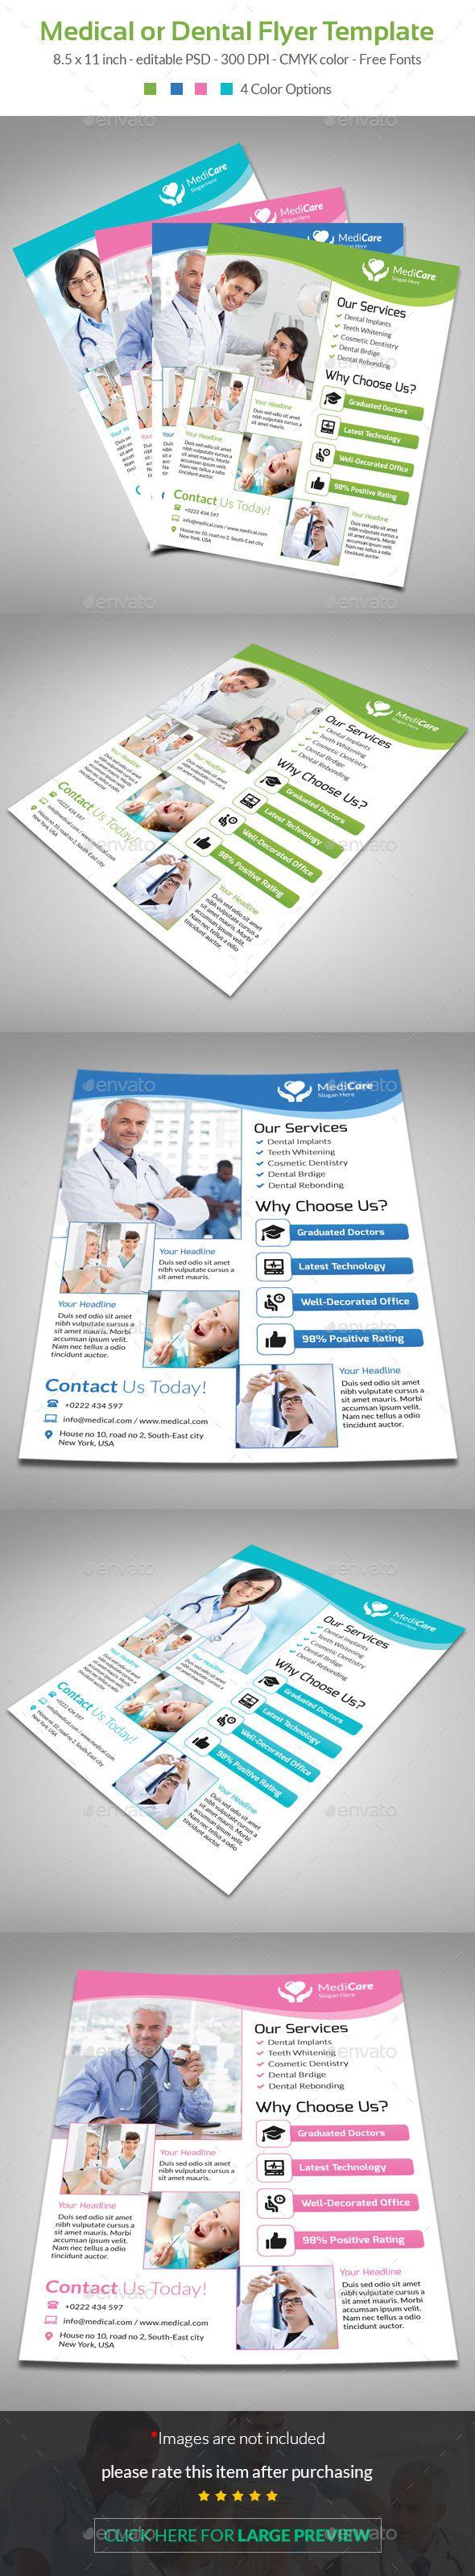 best images about dental marketing flyer medical flyer template